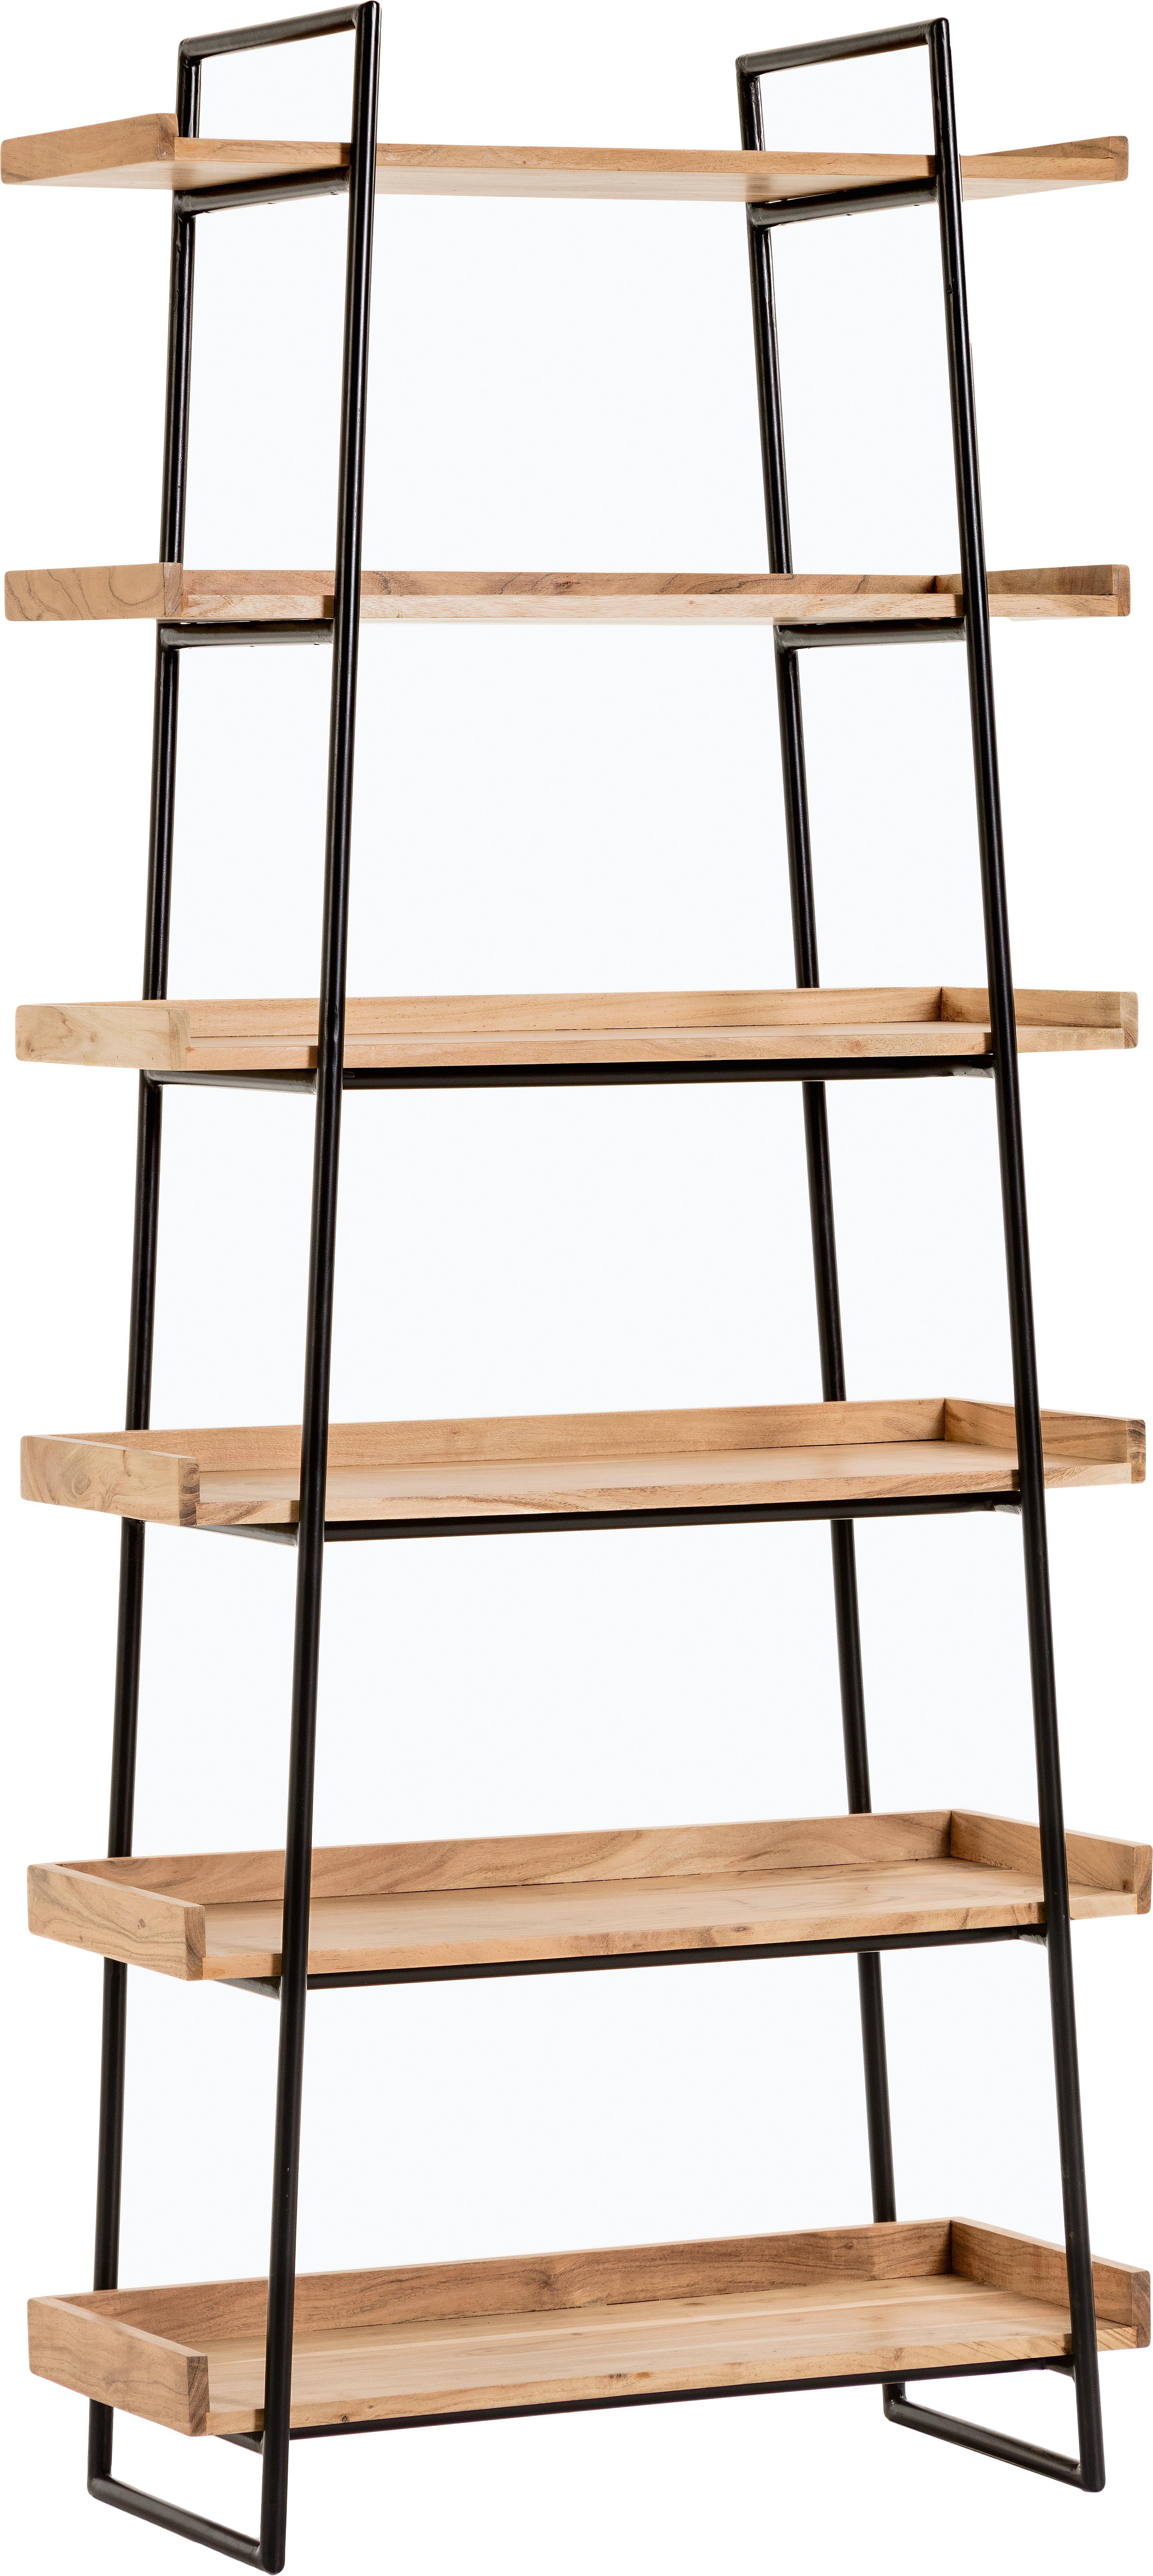 Libreria in legno e metallo Basi, Struttura: metallo verniciato, Ripiani: legno d'acacia massiccio, Nero, marrone, Larg. 80 x Alt. 185 cm